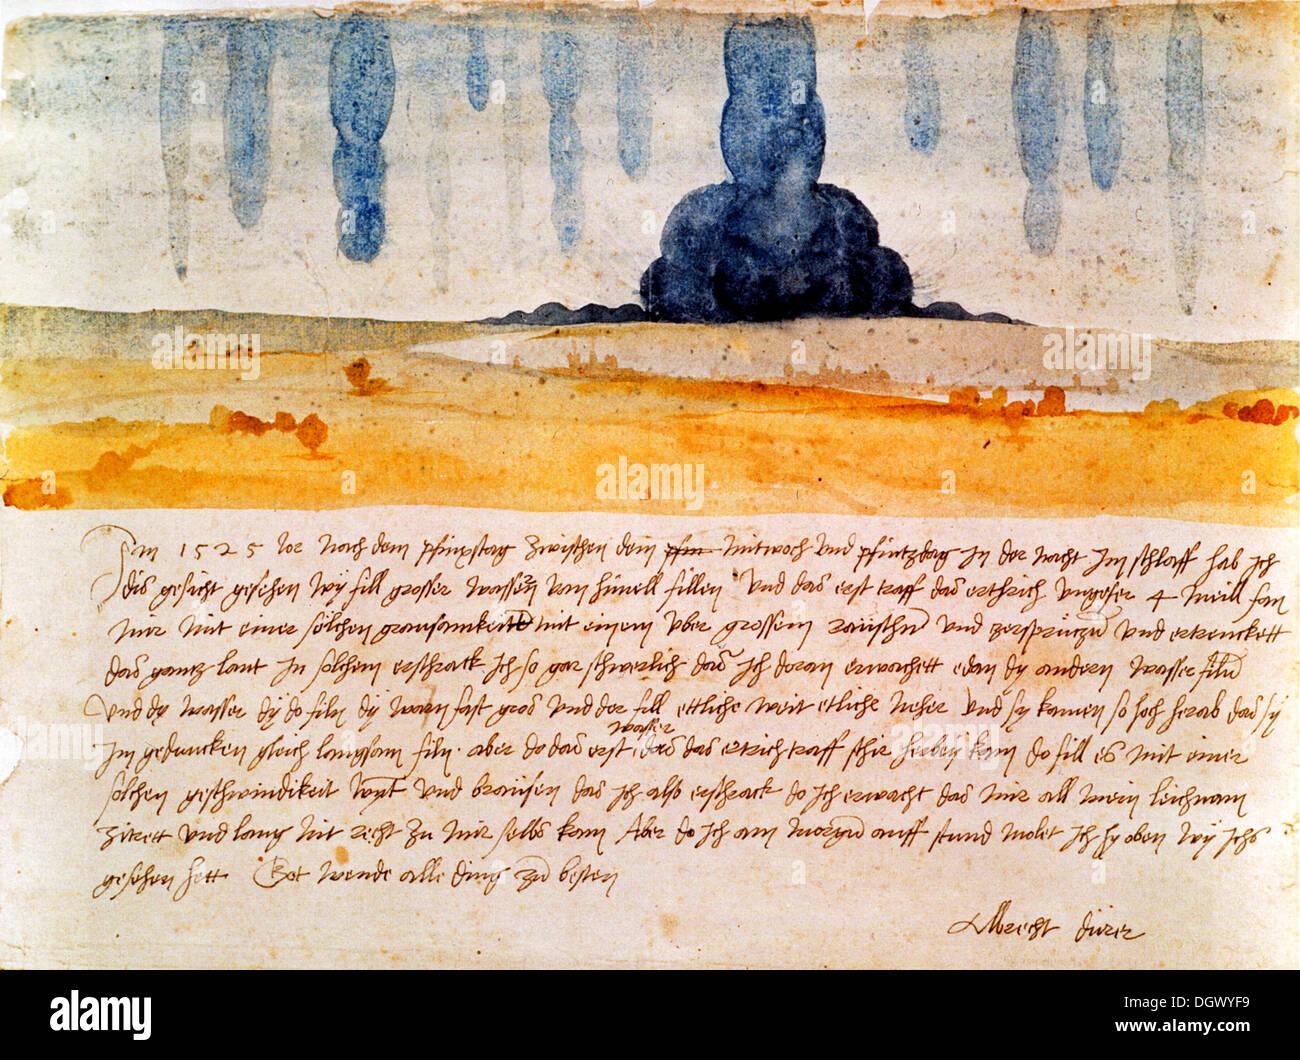 Traumgesichts von Albrecht Dürer Stockbild